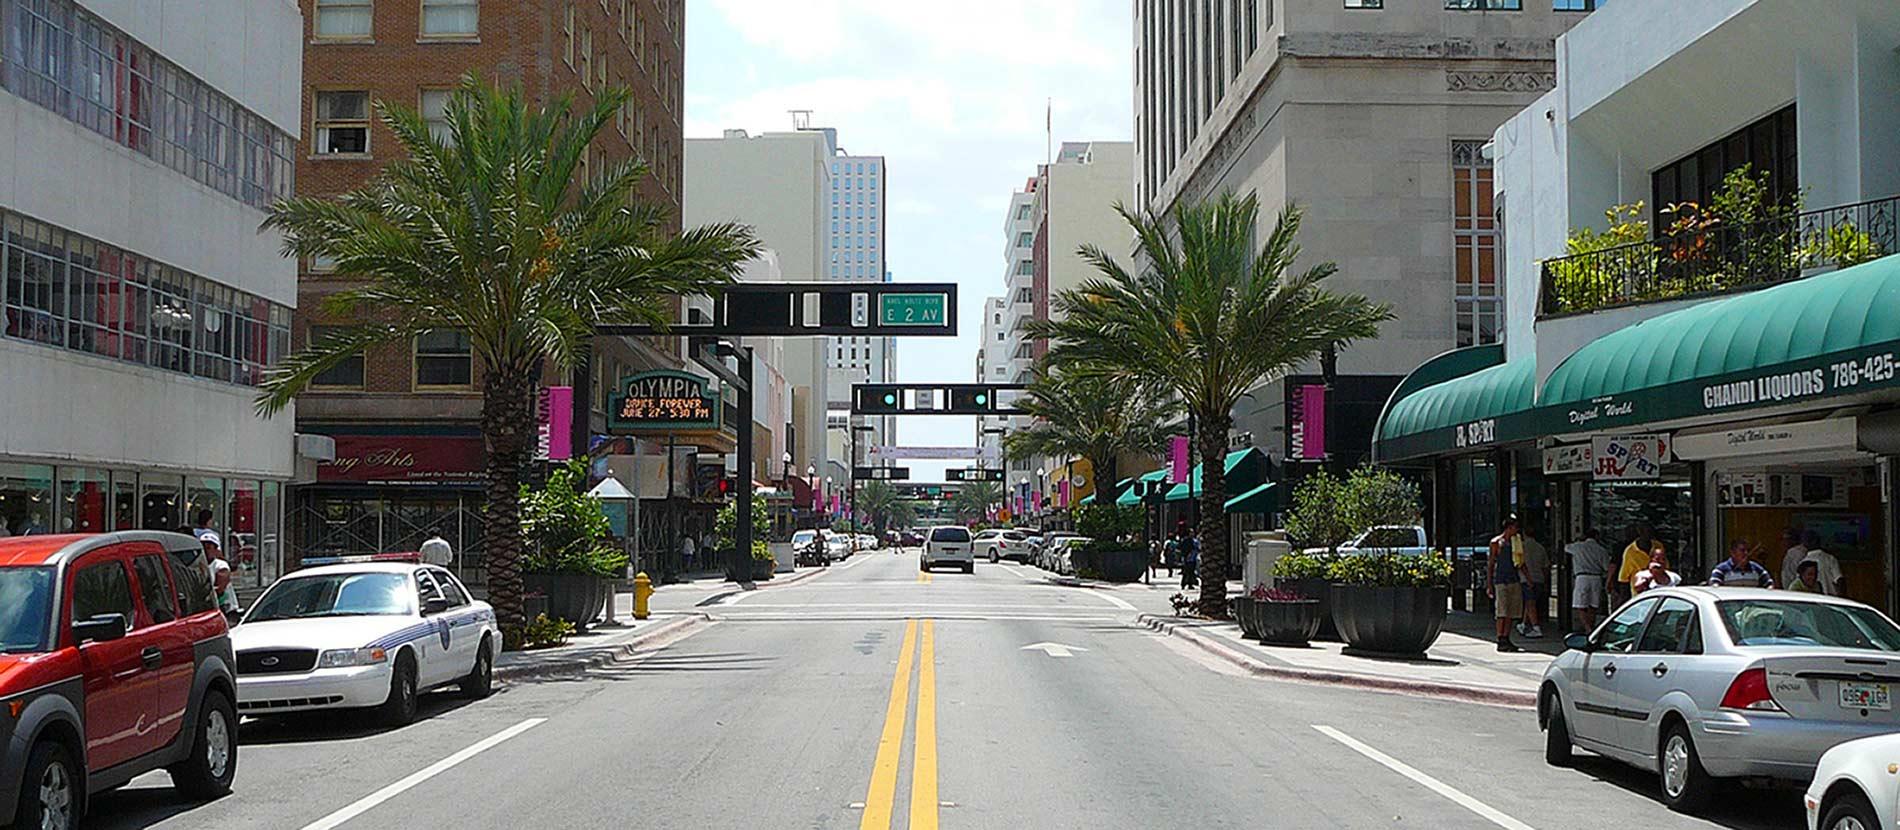 Flagler_Street